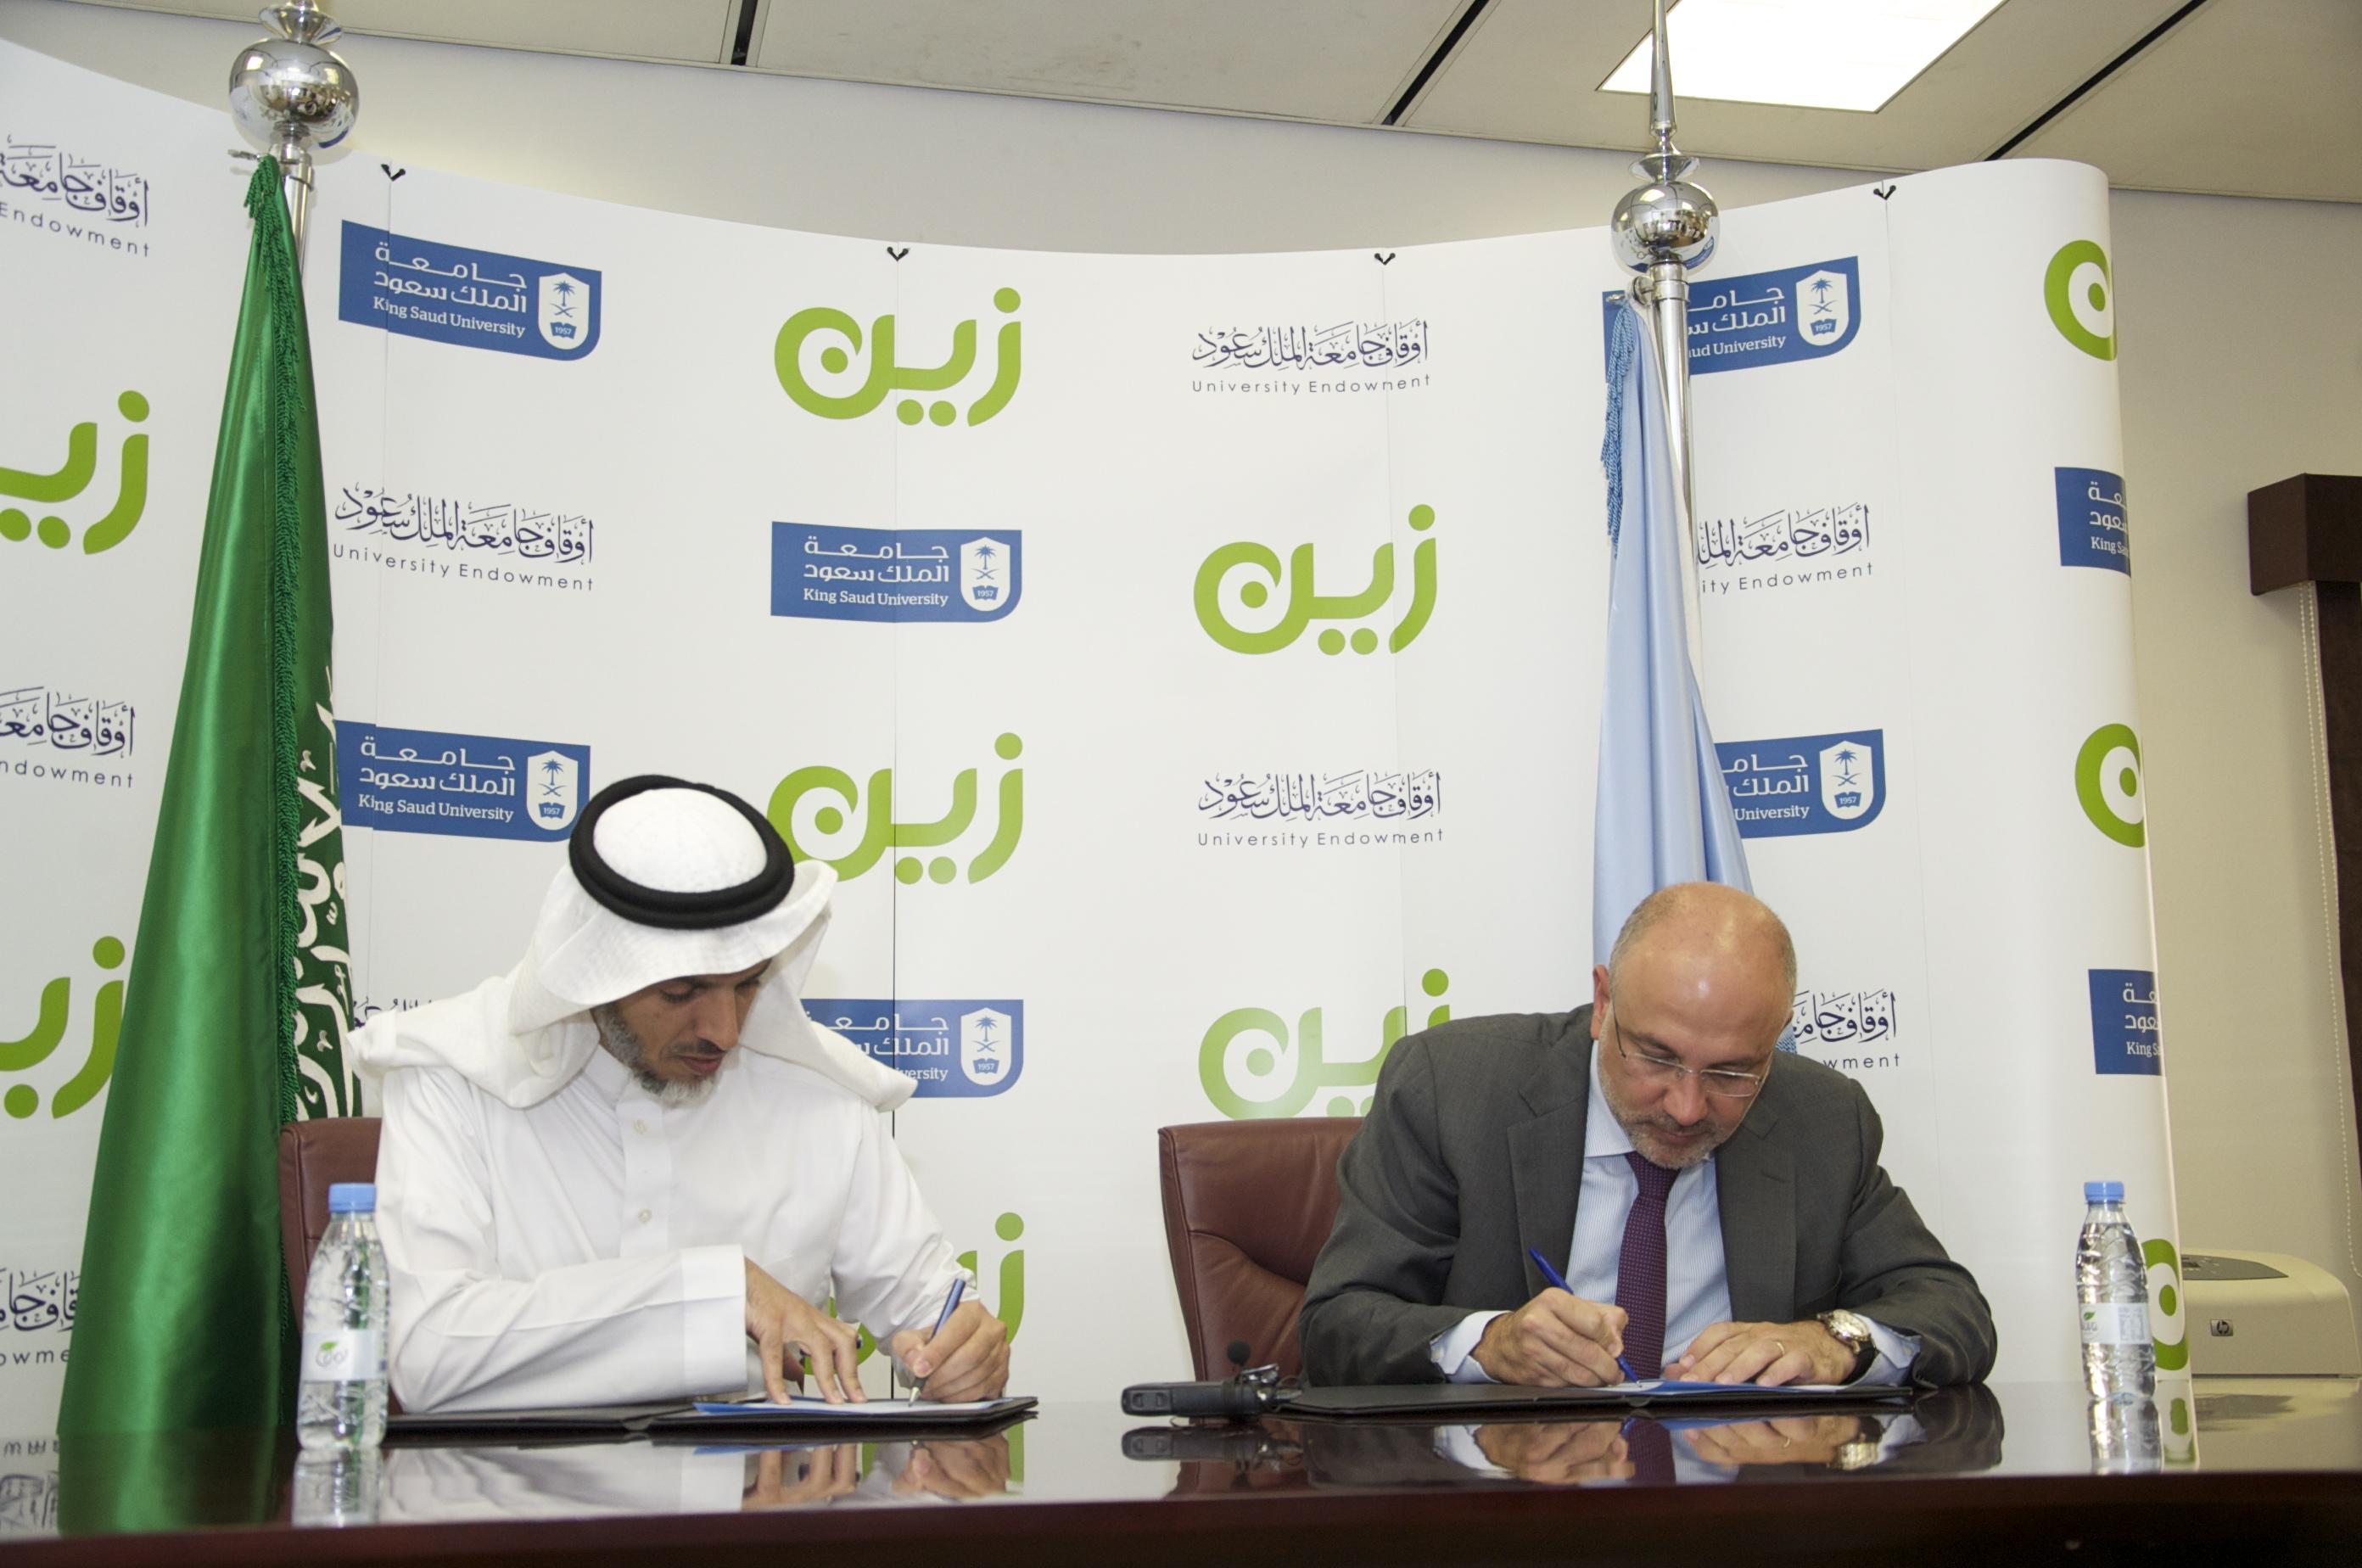 أتفاقية زين السعودية مع أوقاف جامعة الملك سعود